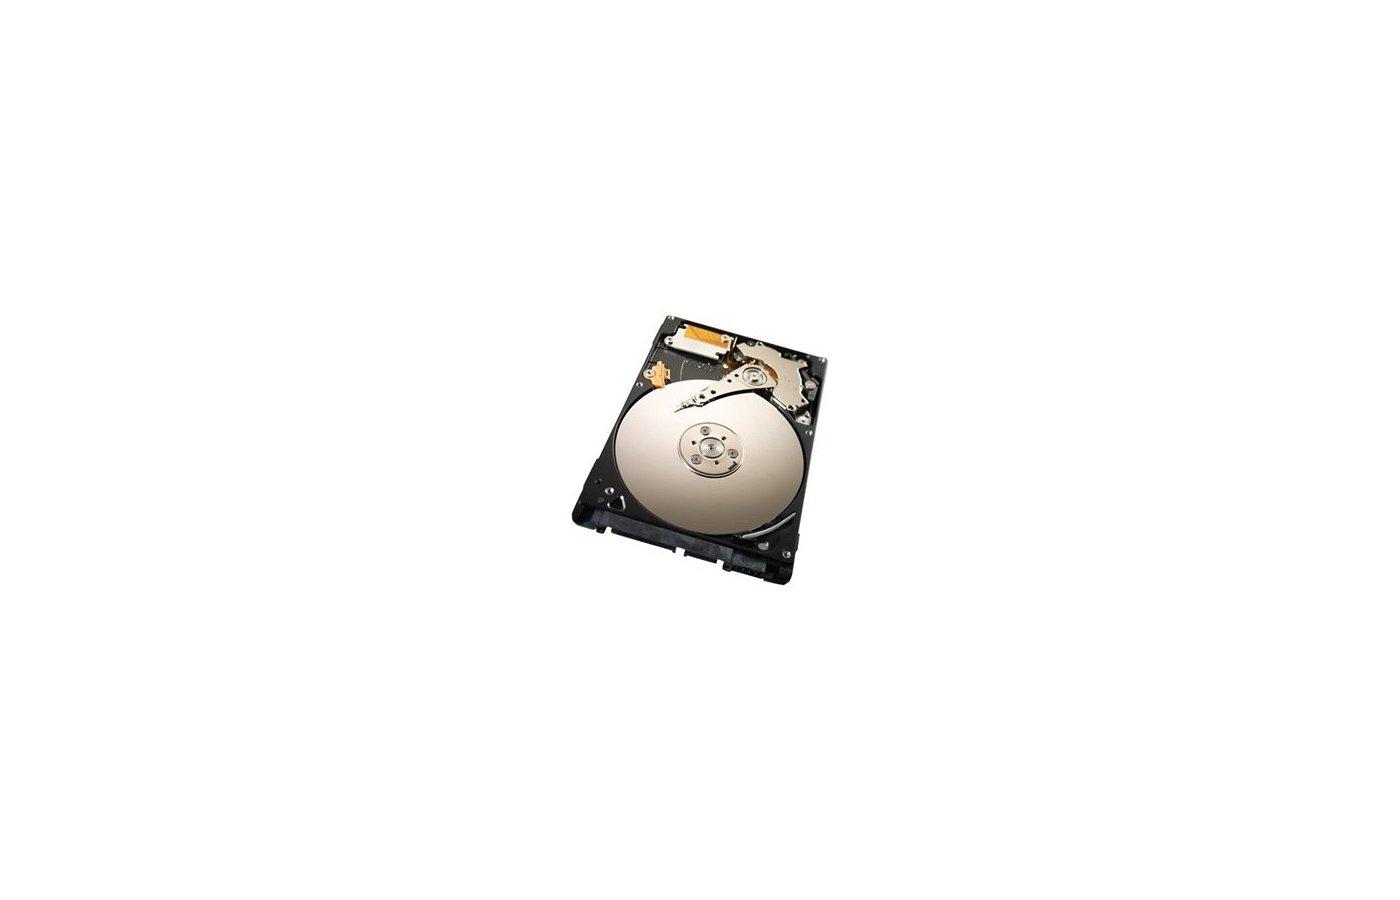 Жесткий диск Seagate SATA-II 500Gb ST500LT012 Momentus Thin (5400rpm) 16Mb 2.5